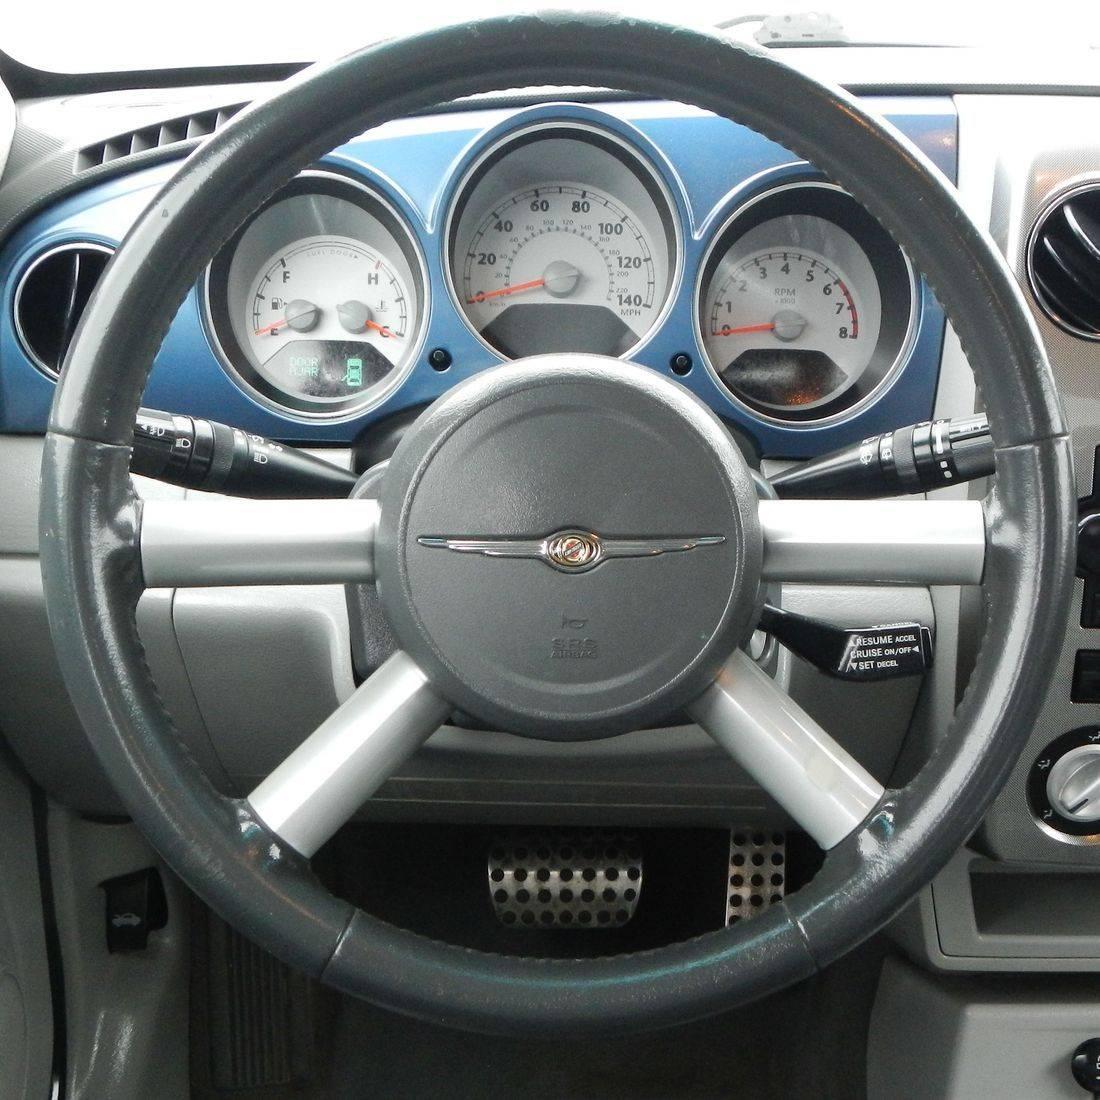 2006 Chrysler PT Cruiser GT Turbo